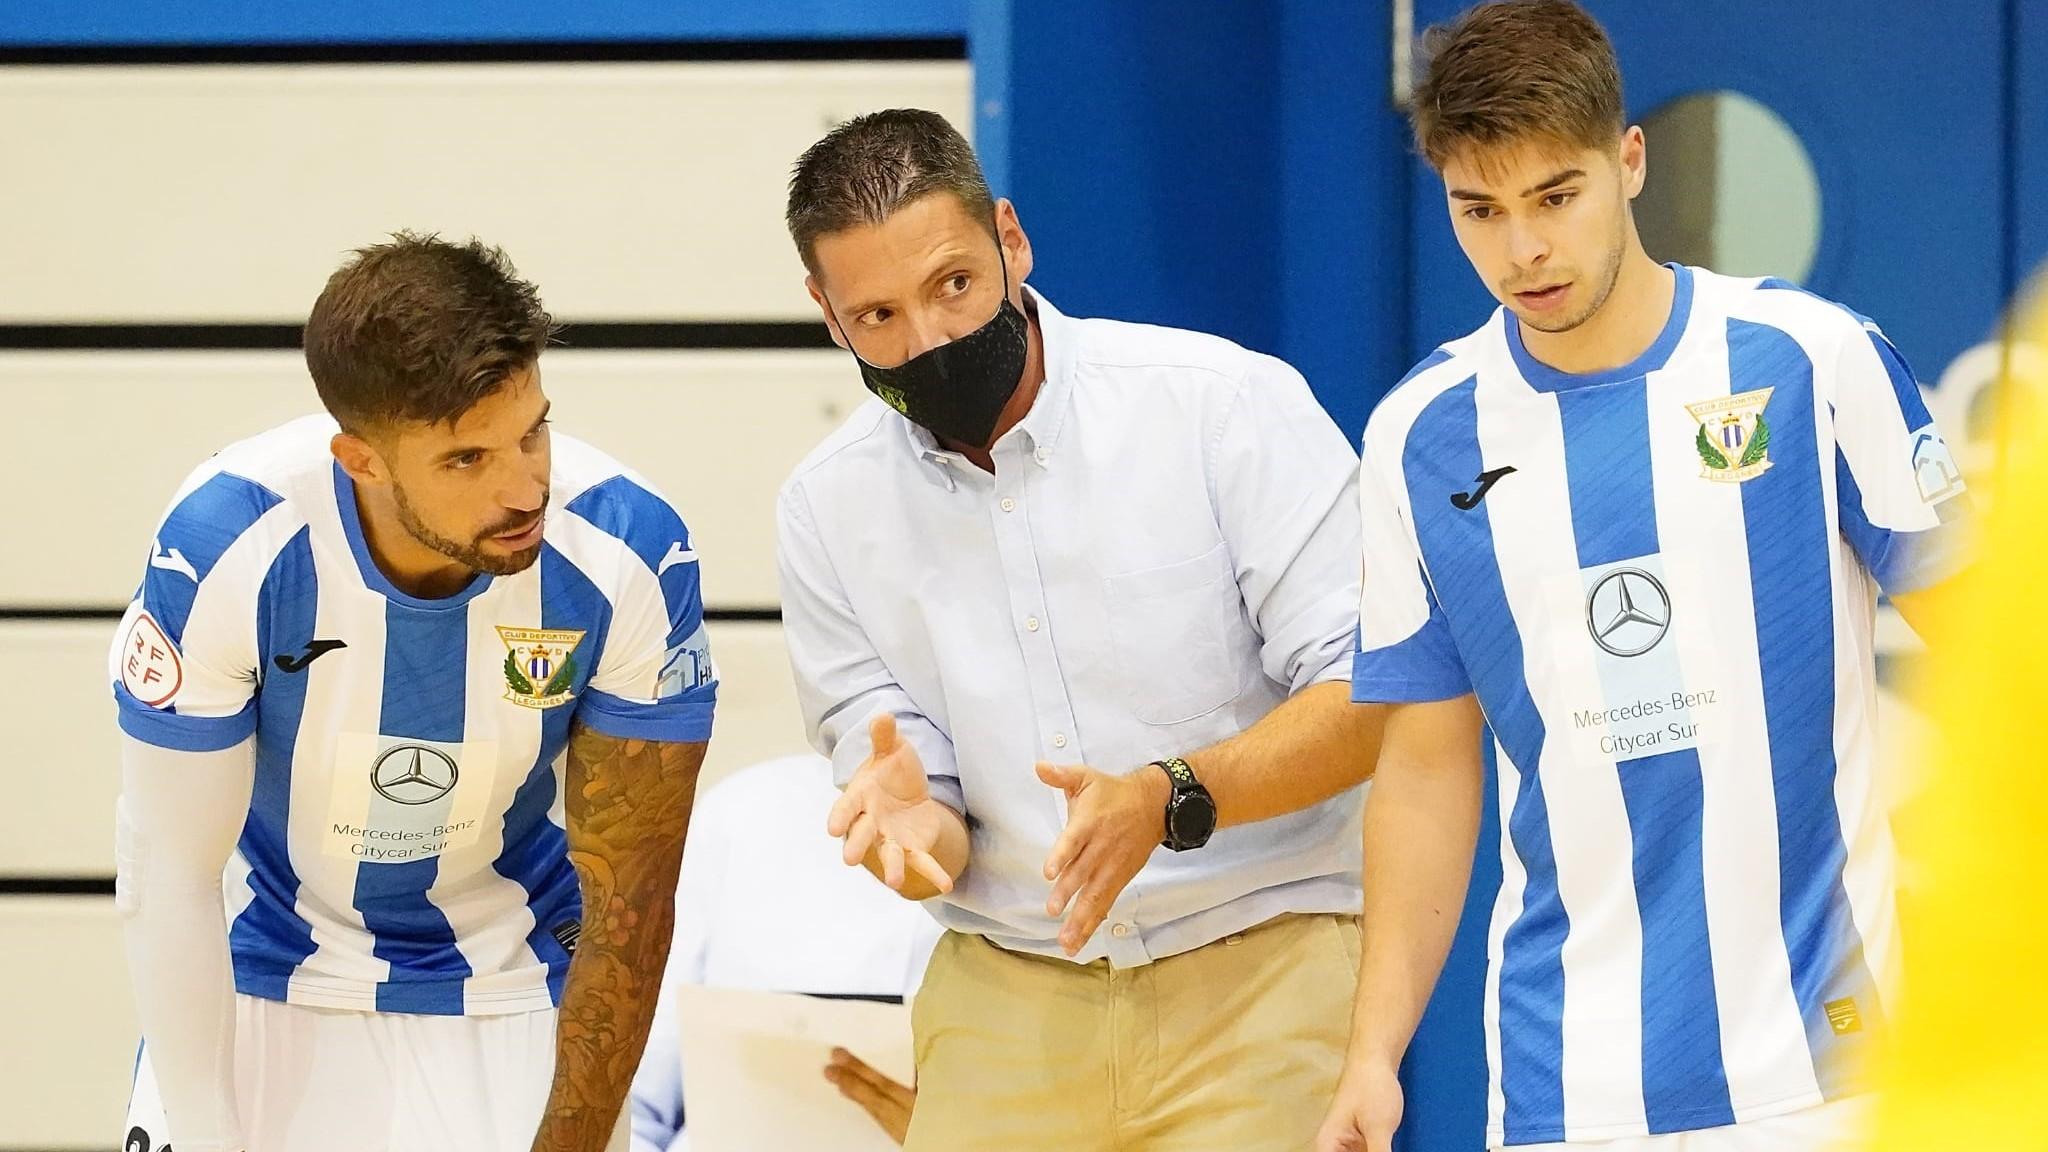 Diego Gacimartín, entrenador del CD Leganés, da instrucciones.